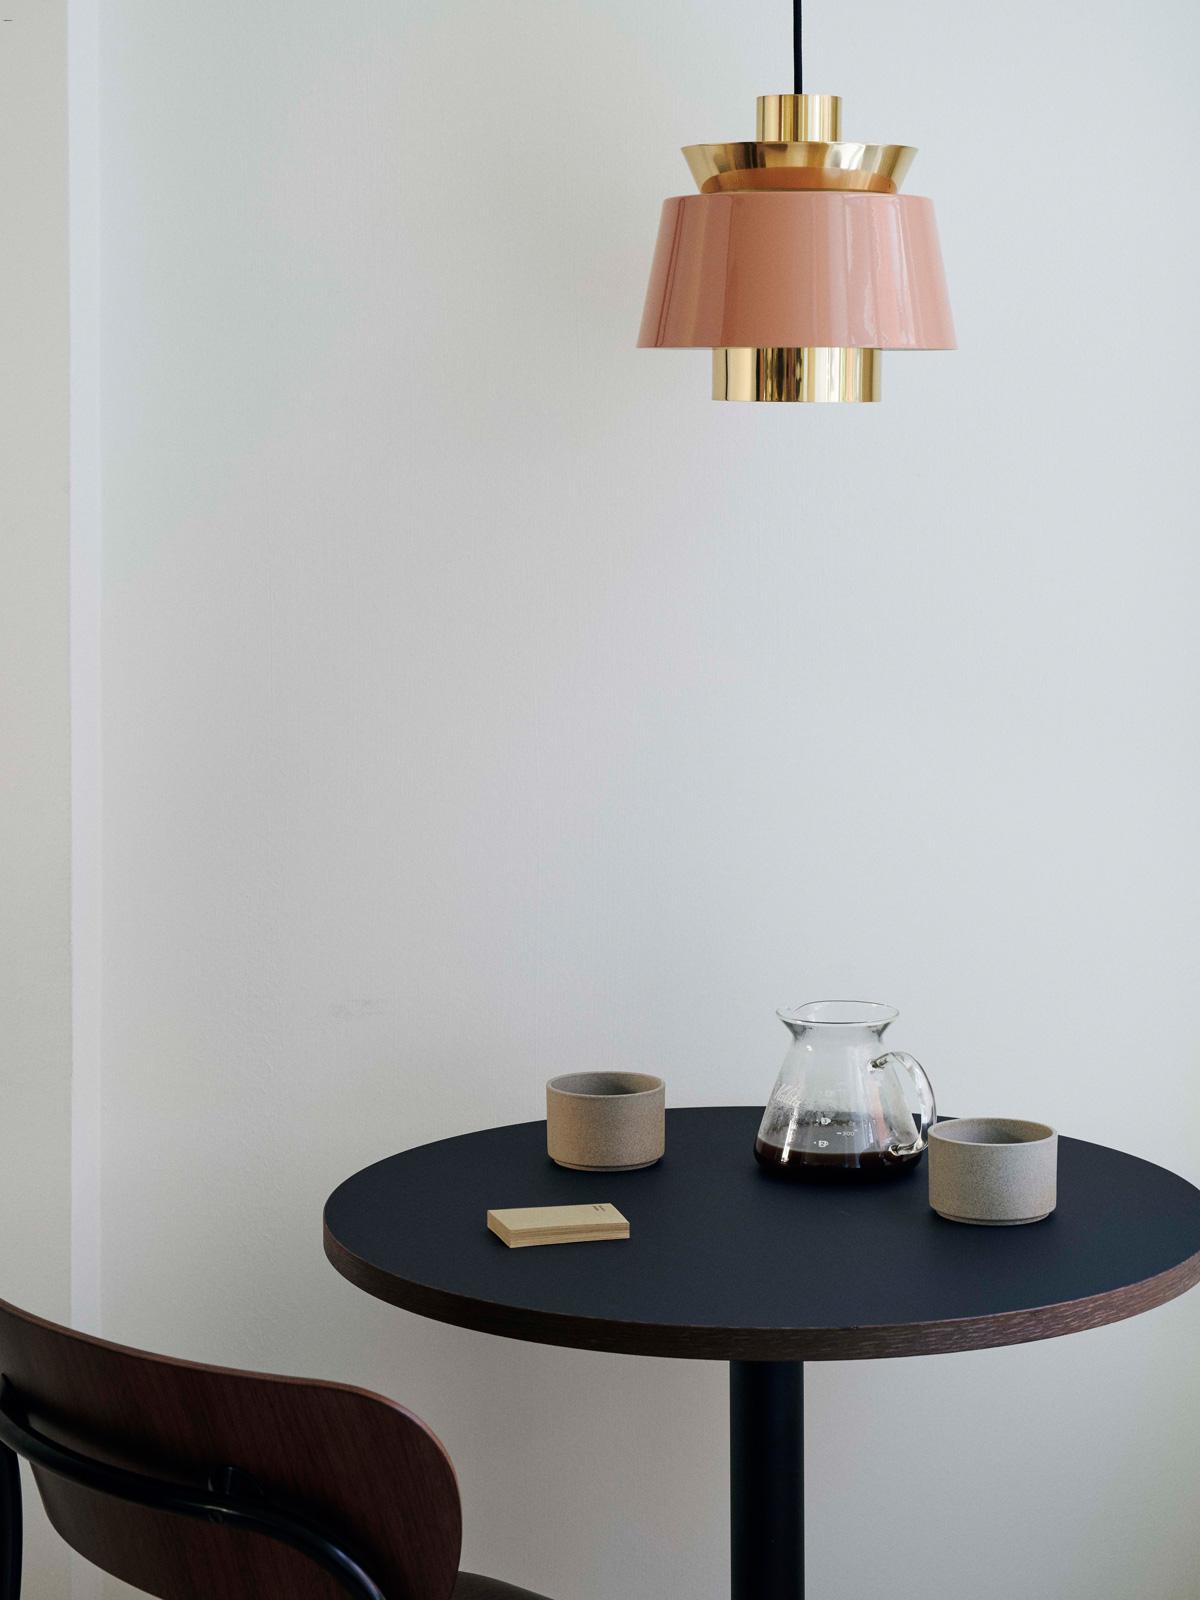 &tradition Utzon Pendelleuchte Hängelampe skandinavisch Design Klassiker Lampe skandinavisch